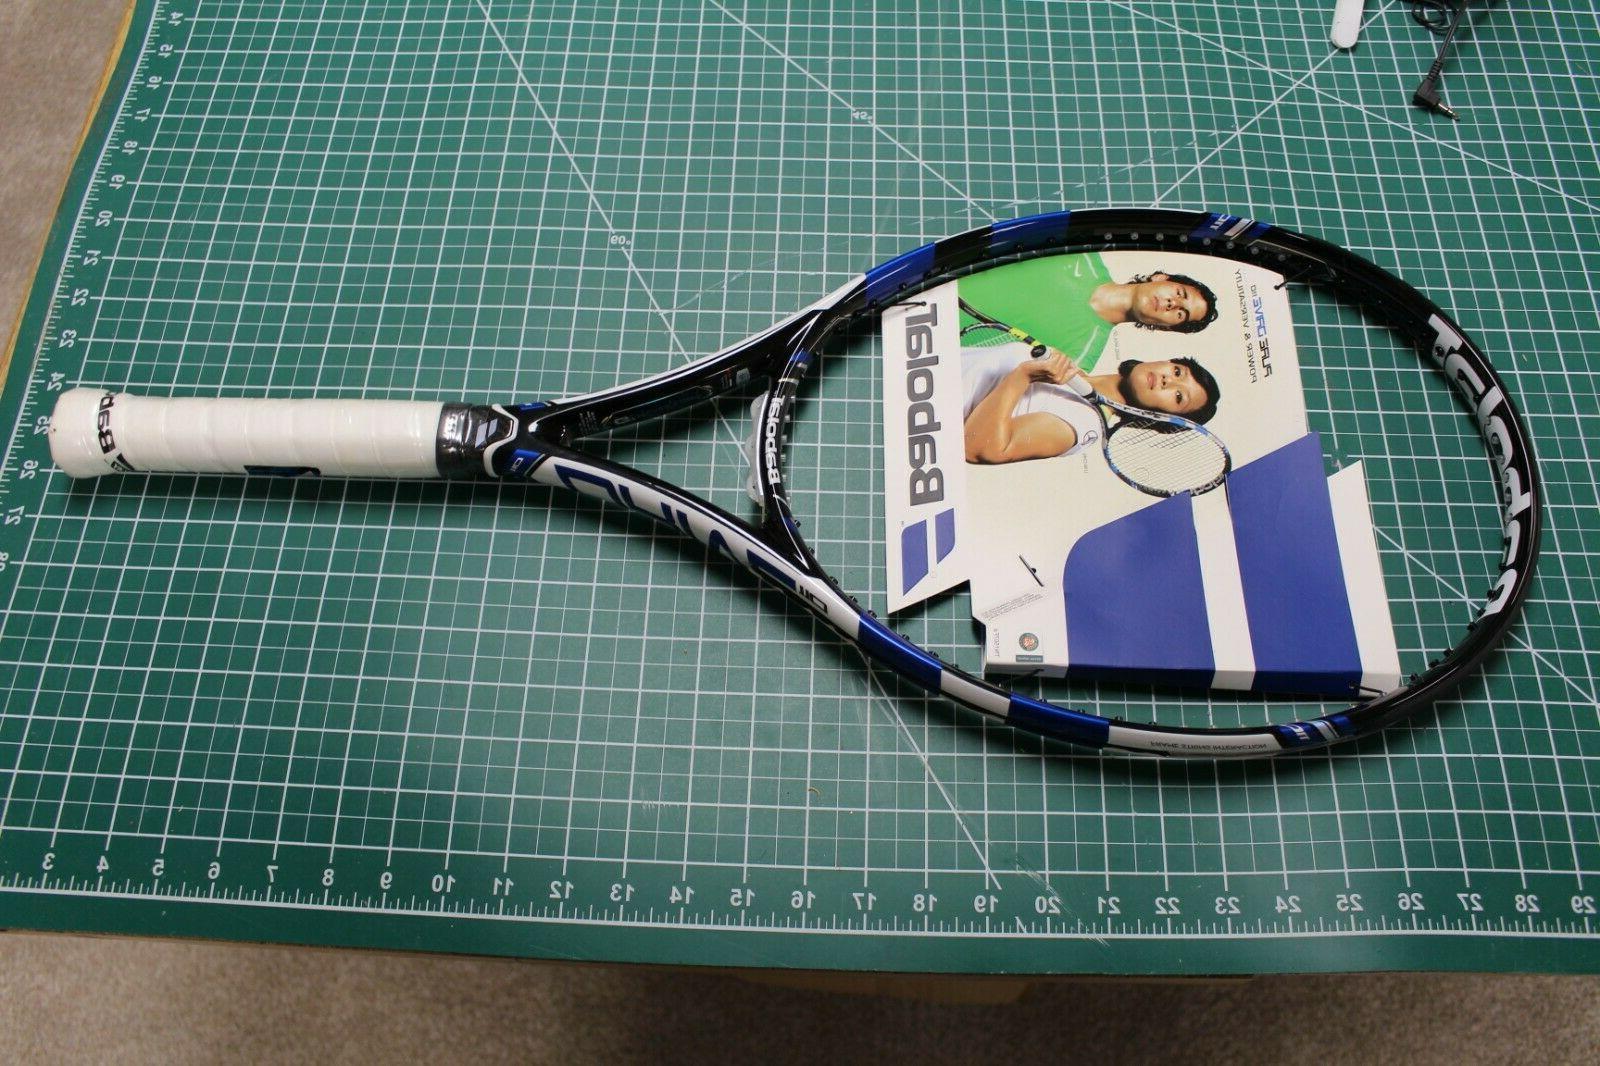 new unstrung pure drive 110 tennis racquet